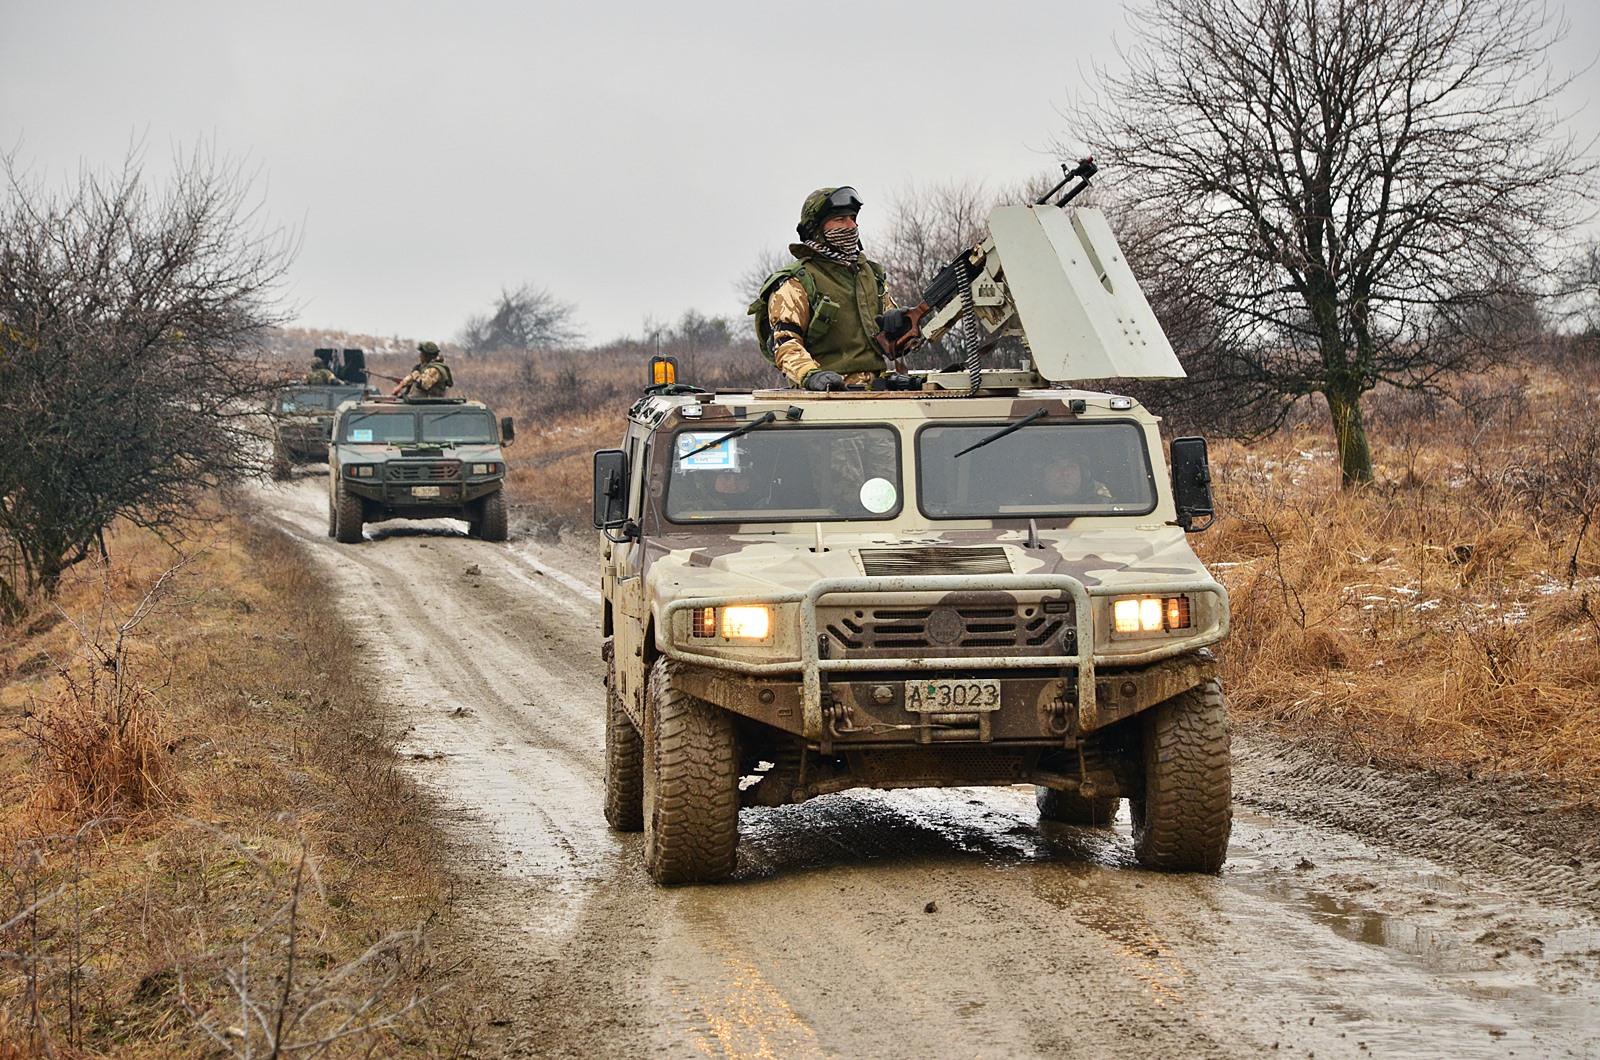 루마니아 특수부대의 URO VAMTAC 고기동 다목적차